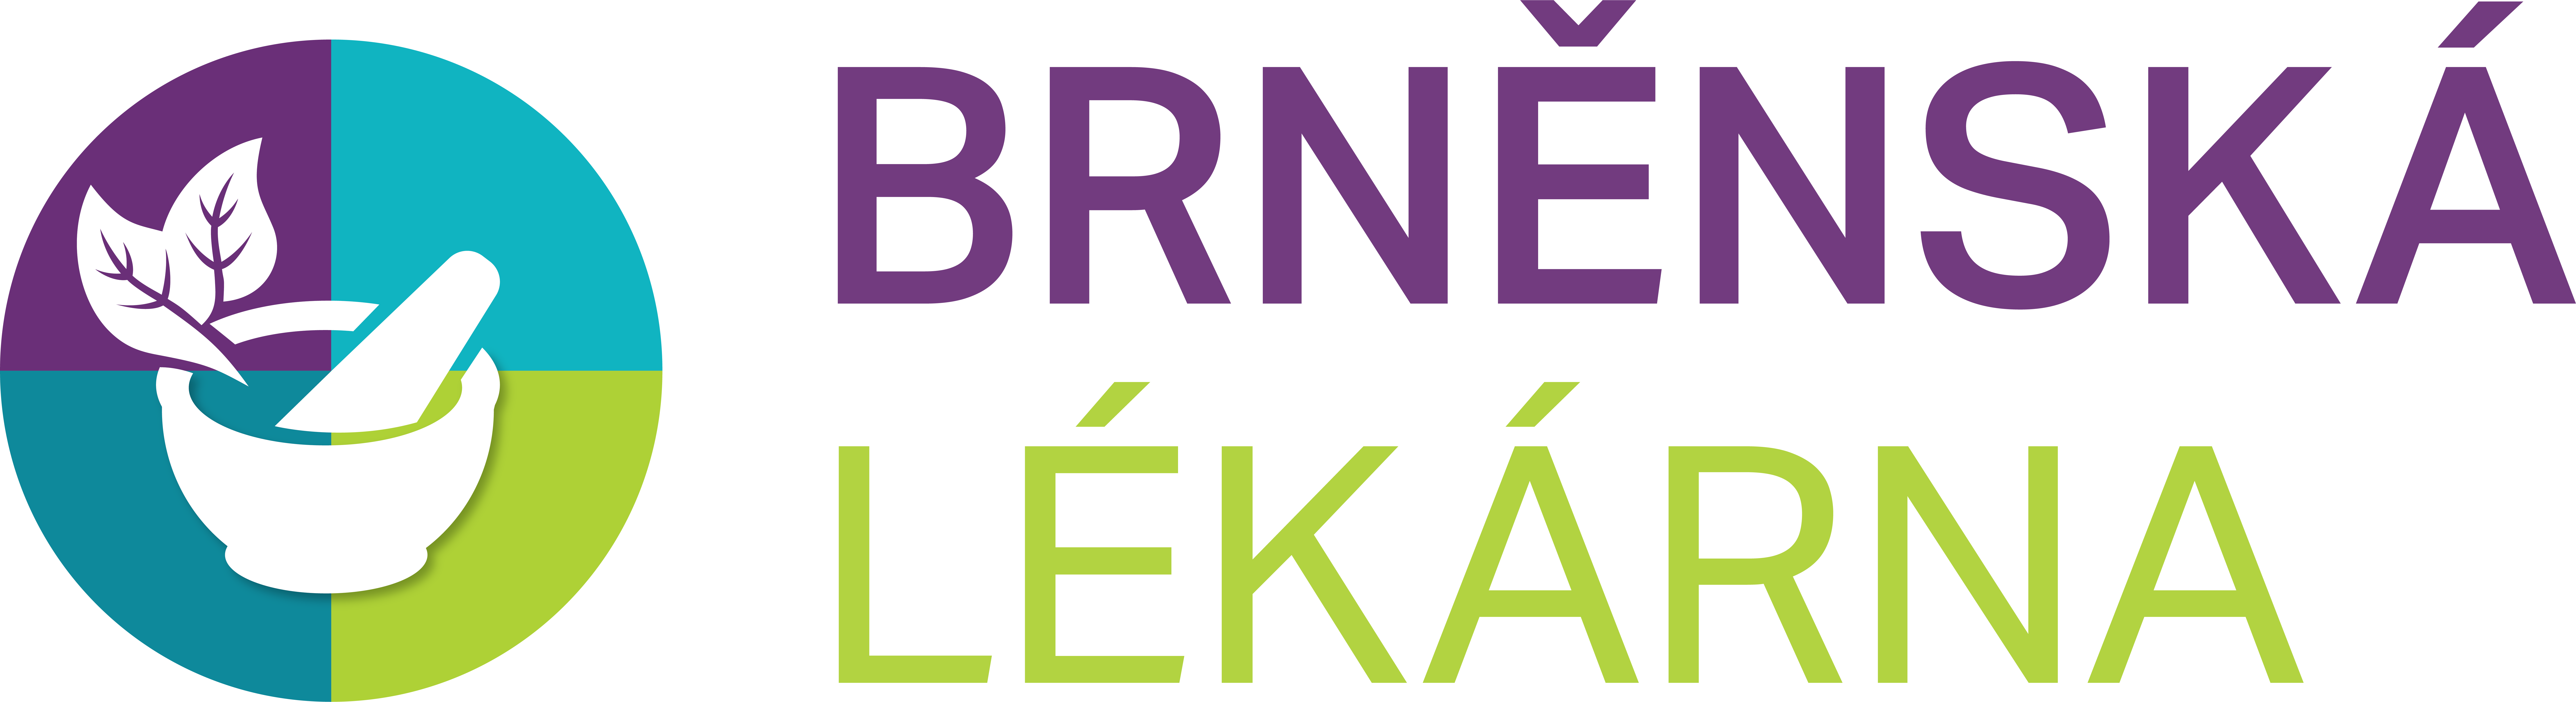 Brněská lékárna